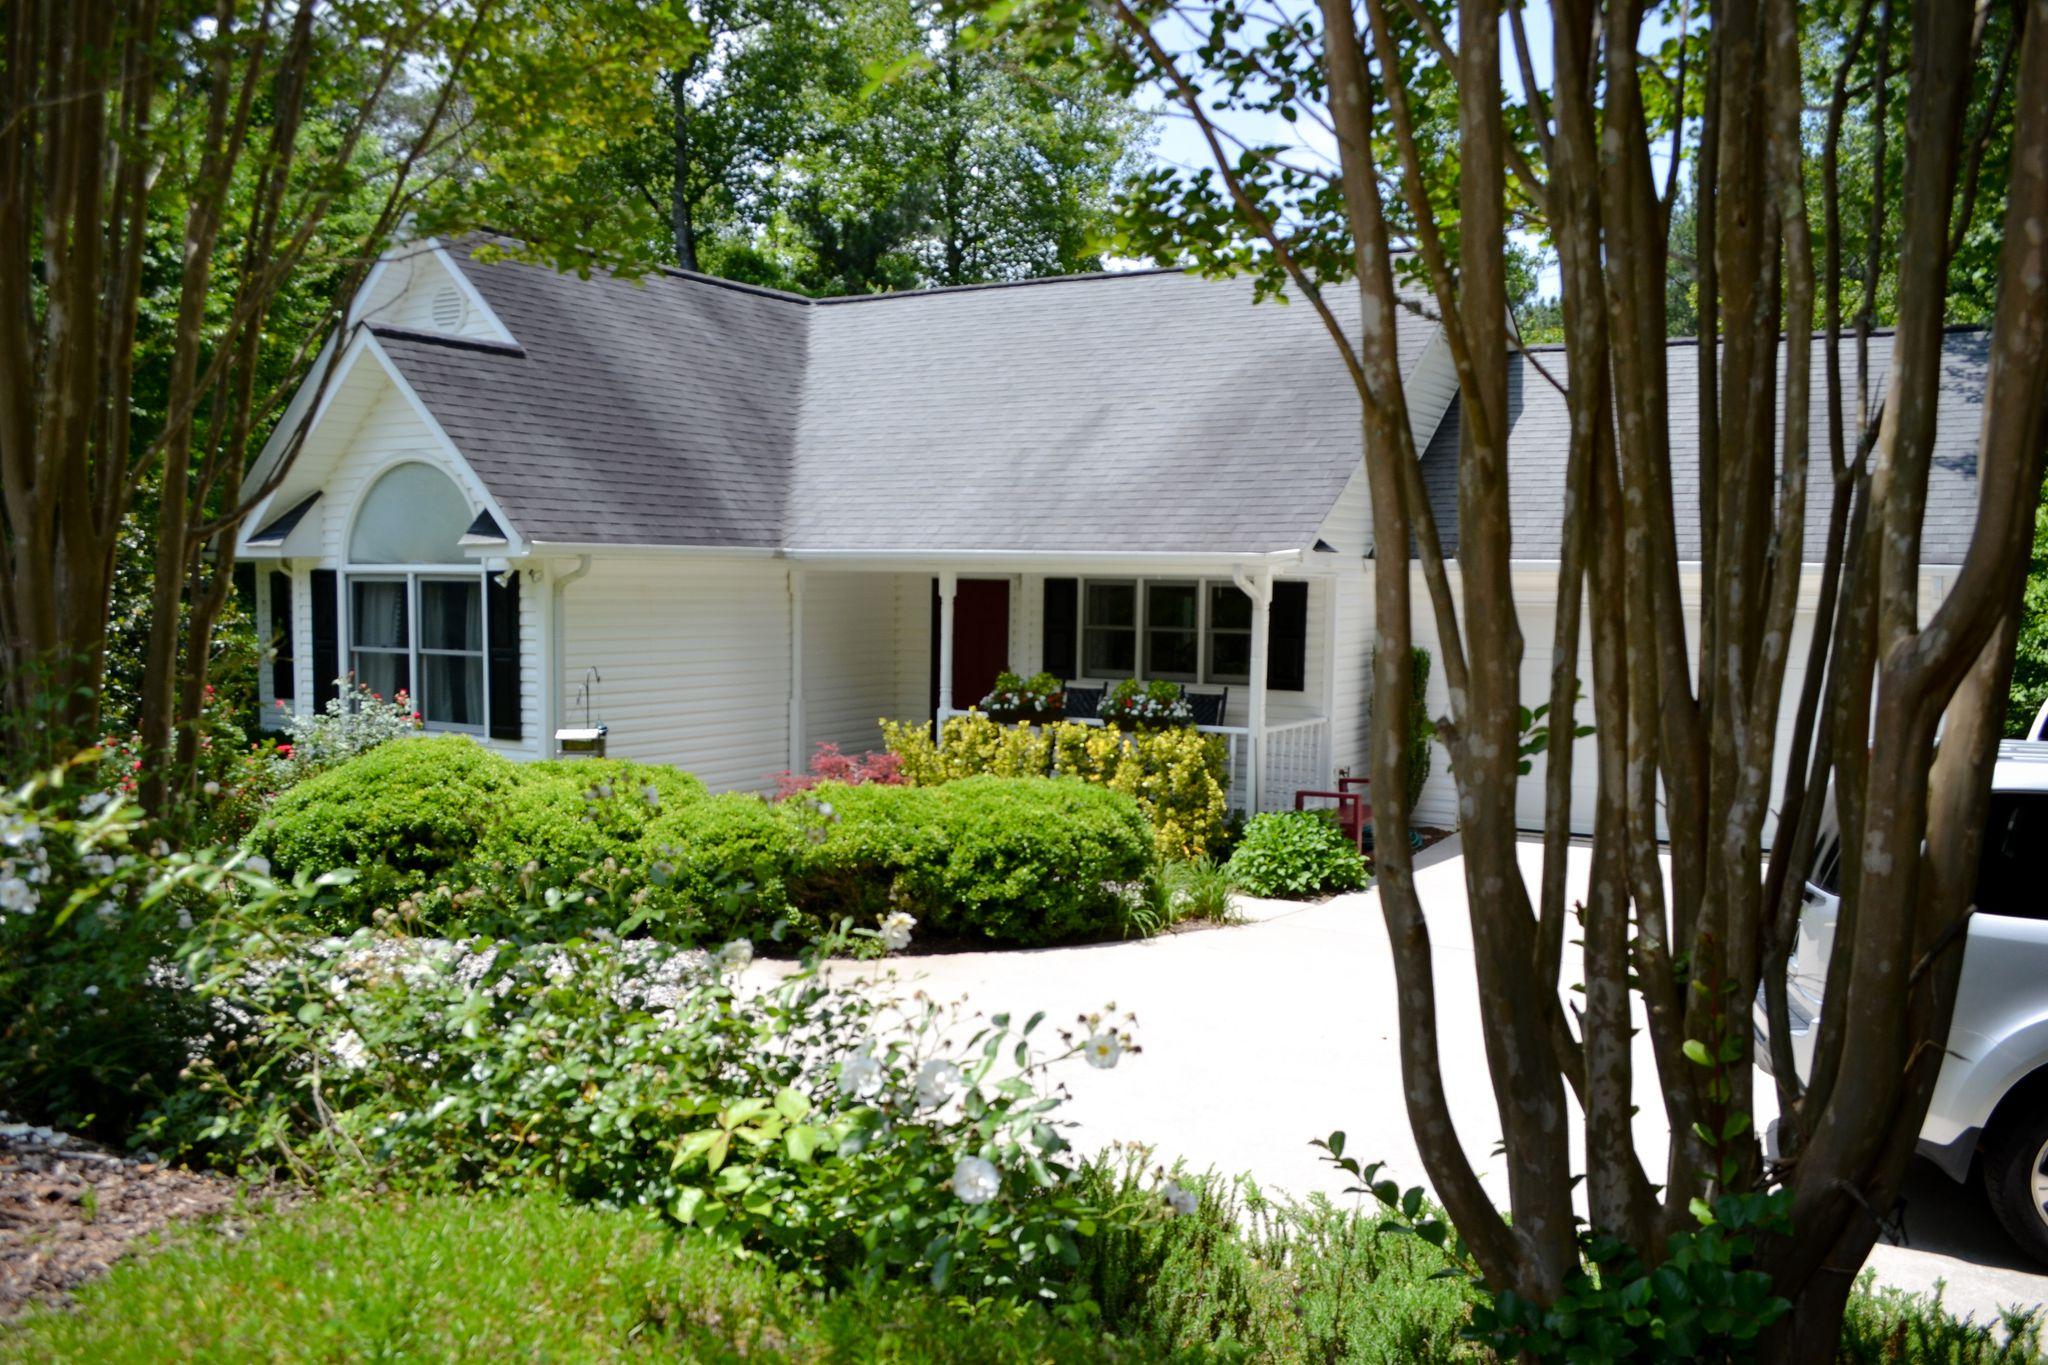 39 Wellborn Branch Dr Blairsville Ga 30512 24 Photos Trulia